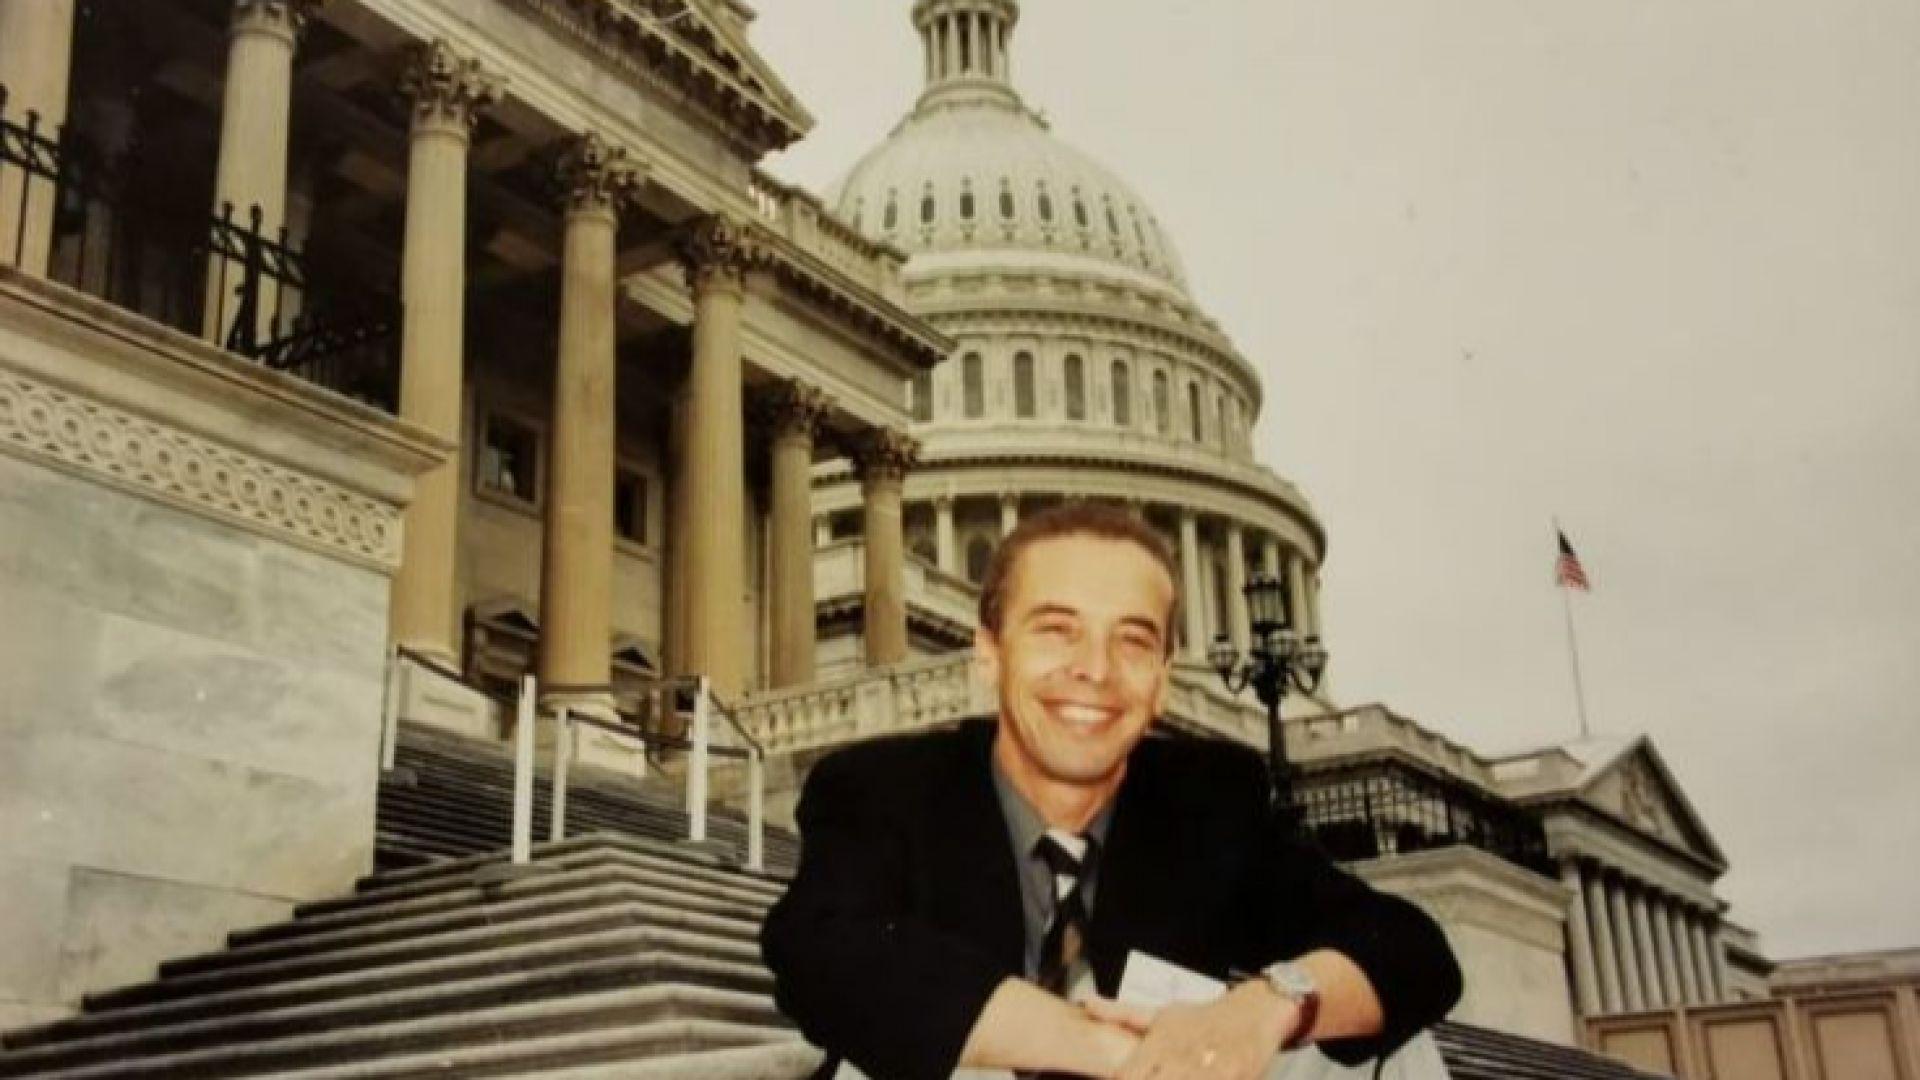 Пред Капитолия във Вашингтон през 2002 година, когато гостува на държавния департамент на САЩ